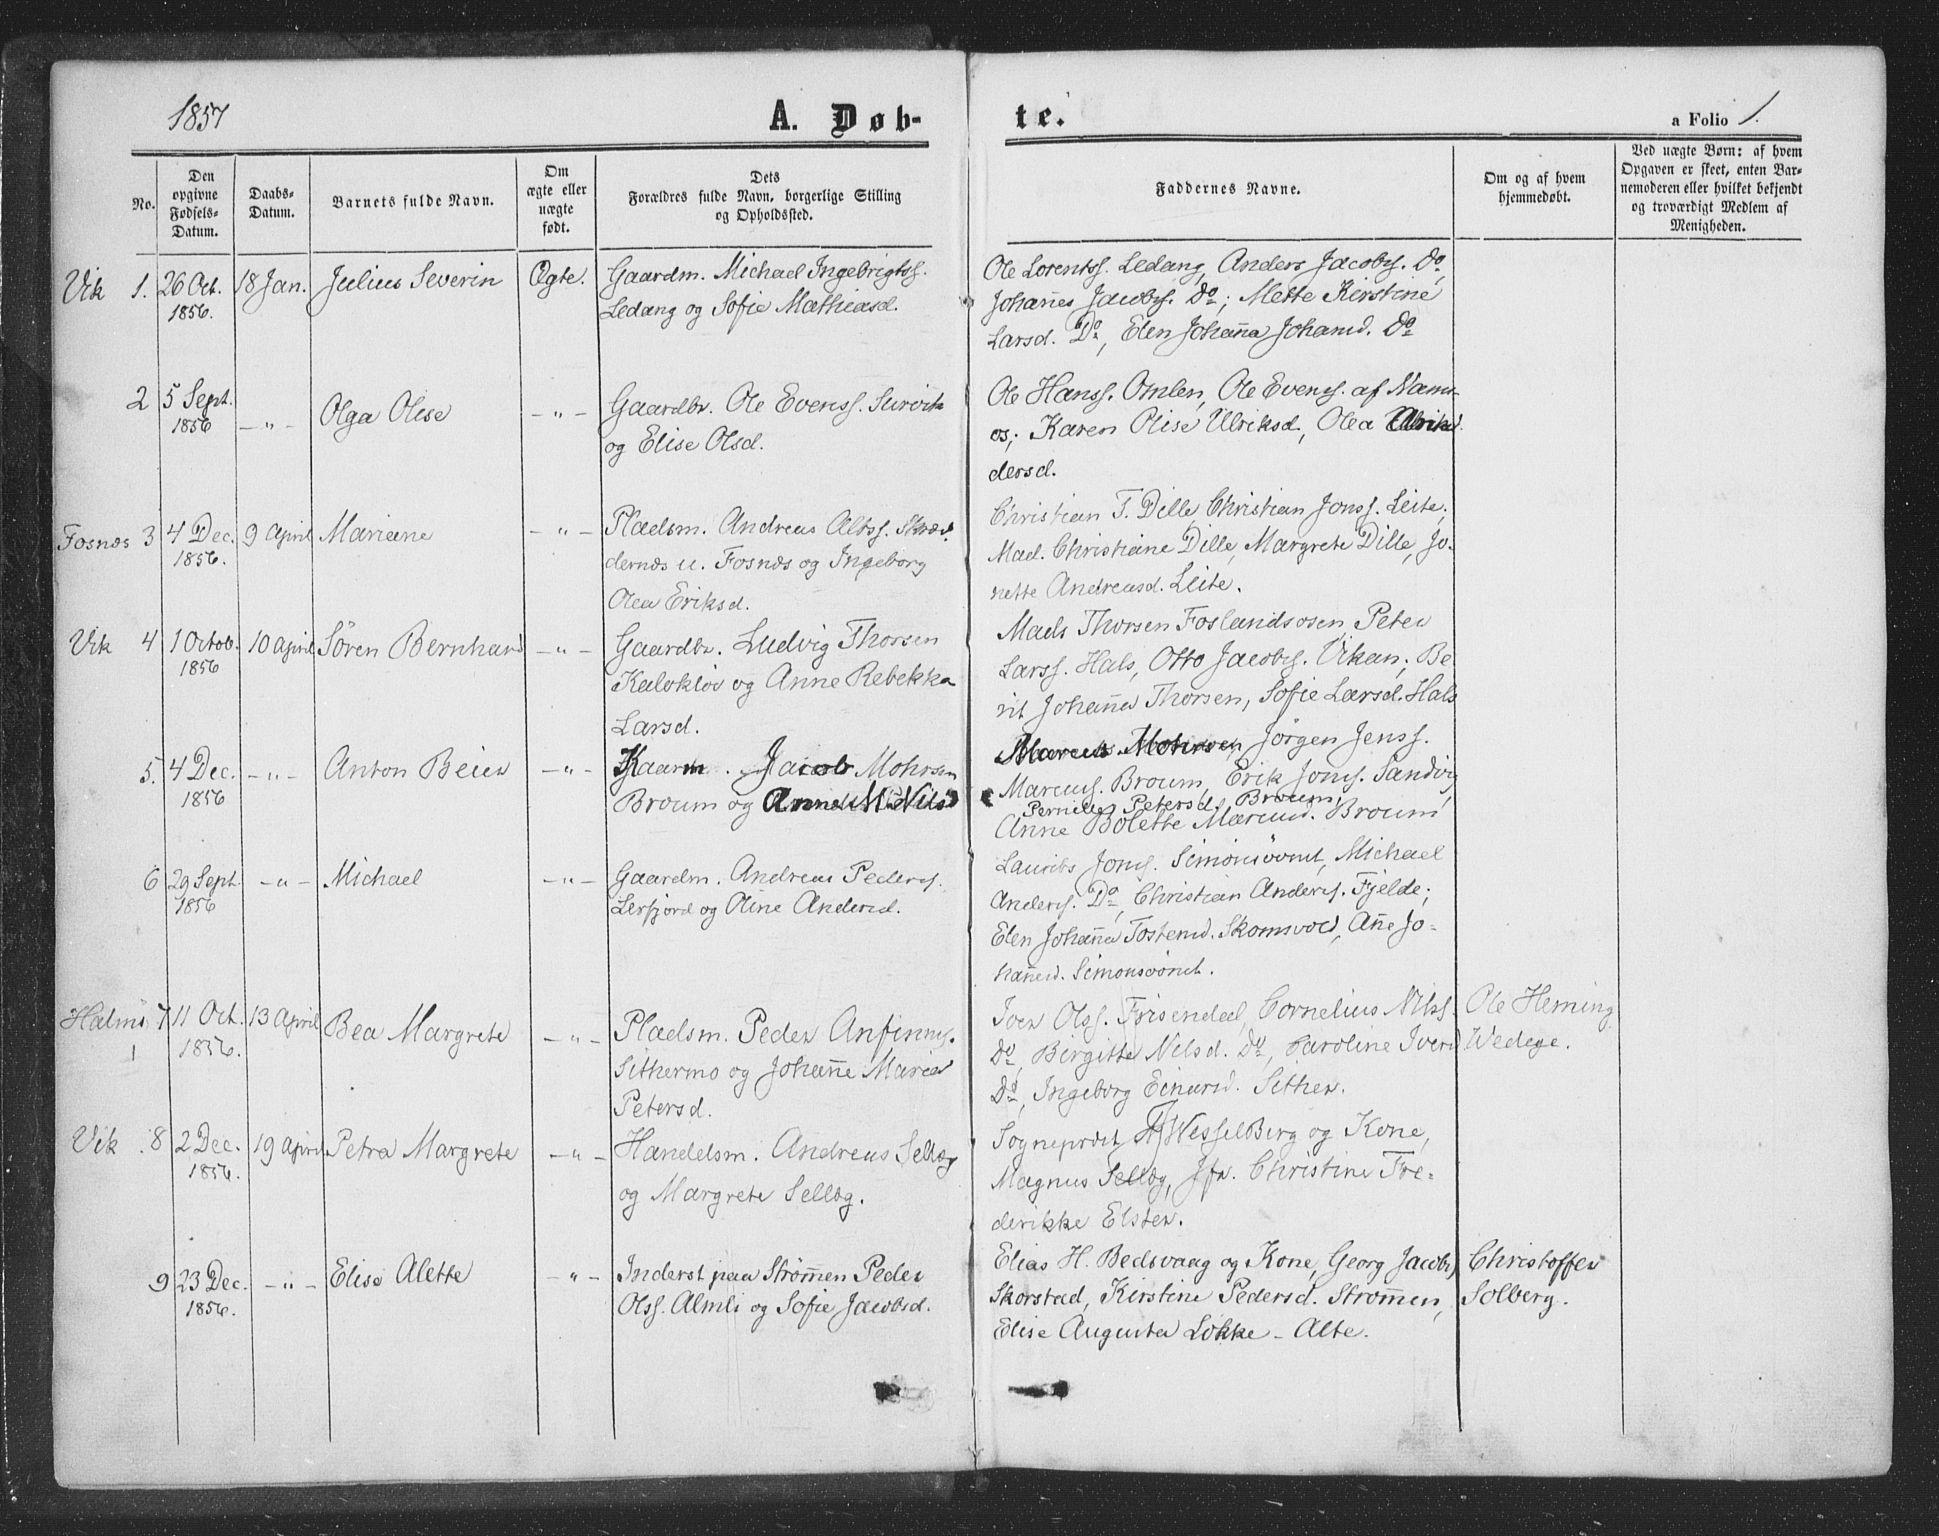 SAT, Ministerialprotokoller, klokkerbøker og fødselsregistre - Nord-Trøndelag, 773/L0615: Ministerialbok nr. 773A06, 1857-1870, s. 1